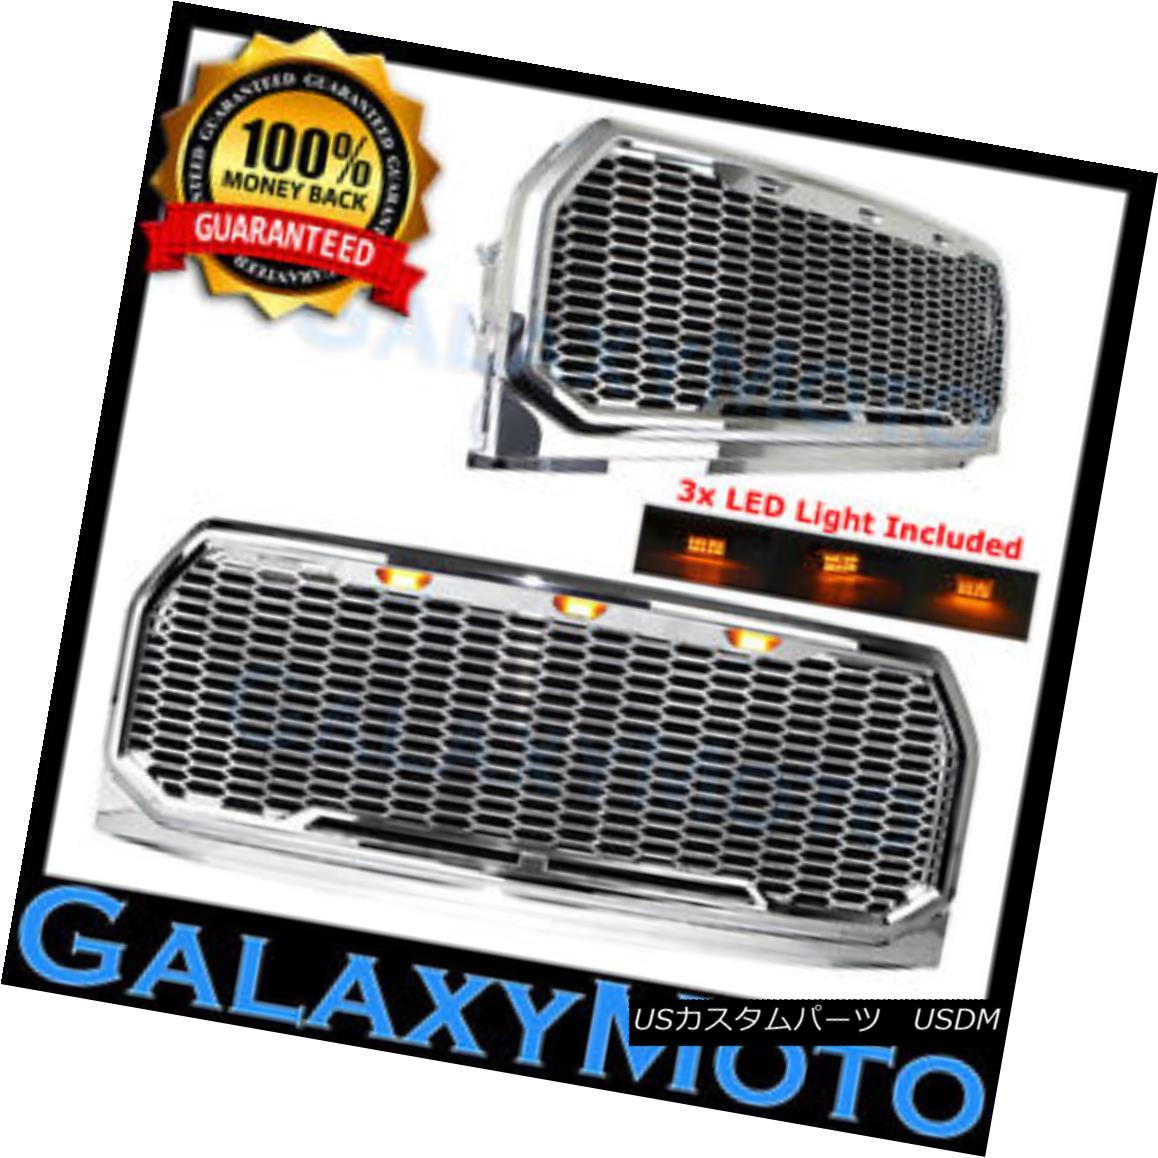 グリル 15-17 Ford F150 Raptor Chrome Front Hood Replacement Mesh Grille+Shell+LED Light 15-17フォードF150ラプタークロームフロントフード交換メッシュグリル+シェル+ L EDライト